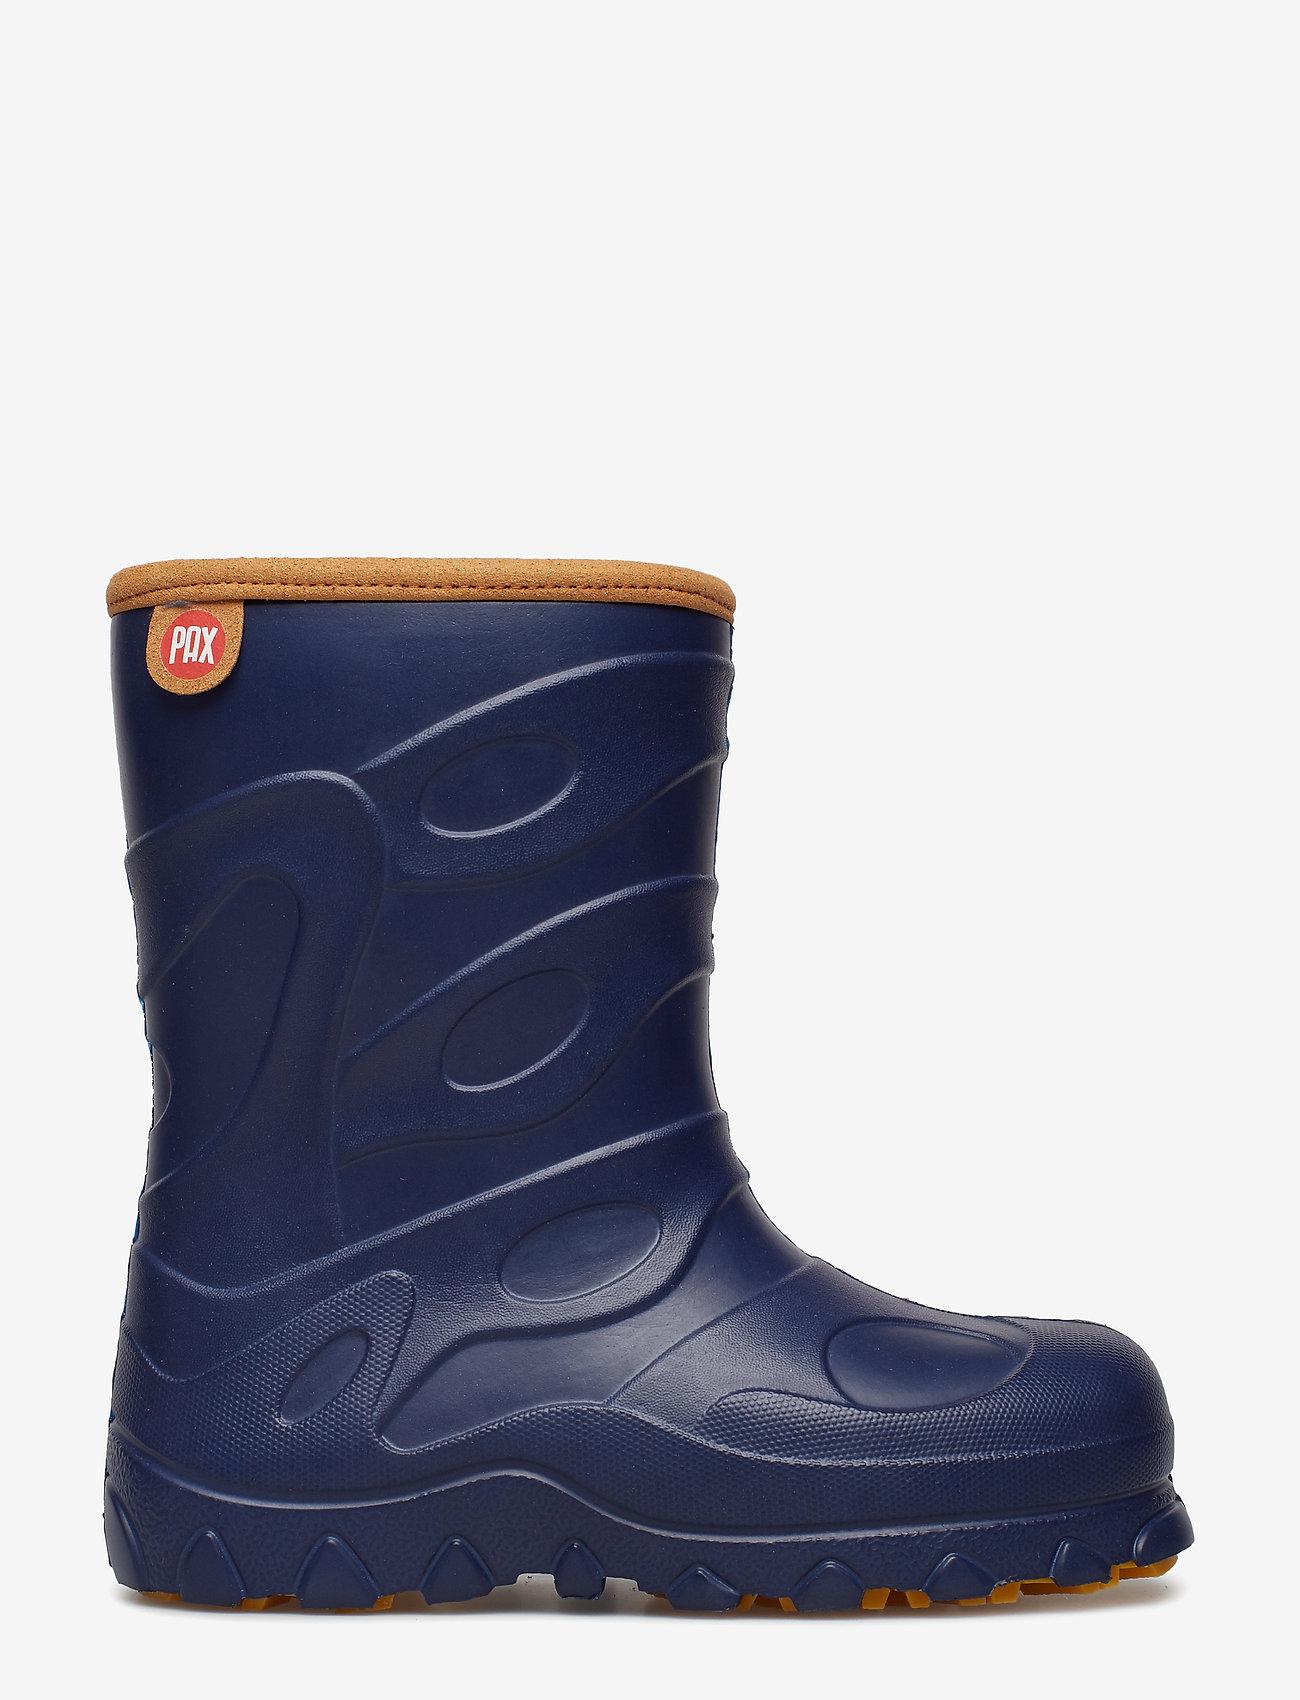 PAX - INSO PAX STÖVEL - vinterstövlar - blue - 1